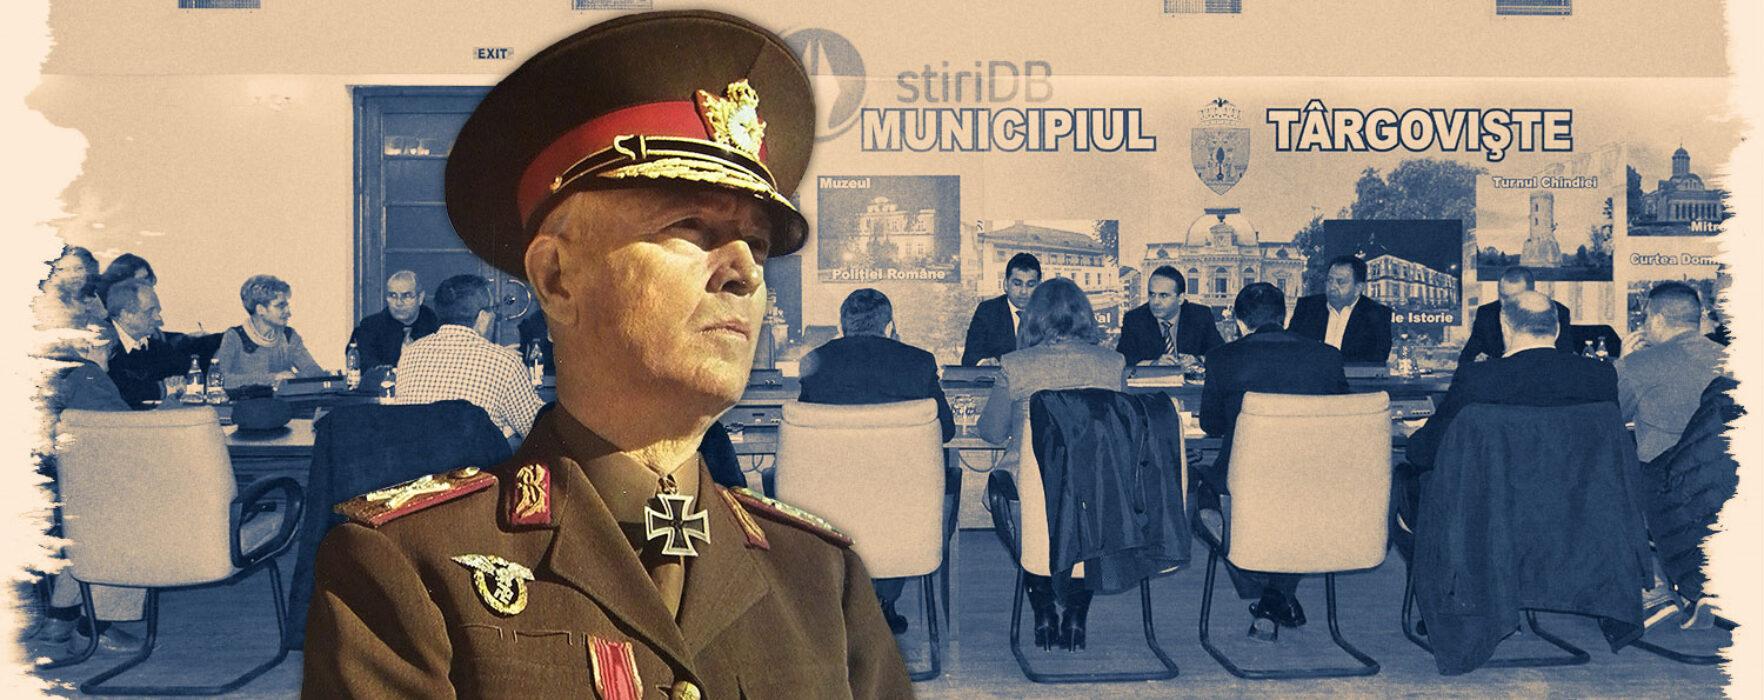 EXCLUSIV Târgovişte: Se va lua în discuţie retragerea titlului de cetăţean de onoare mareşalului Ion Antonescu